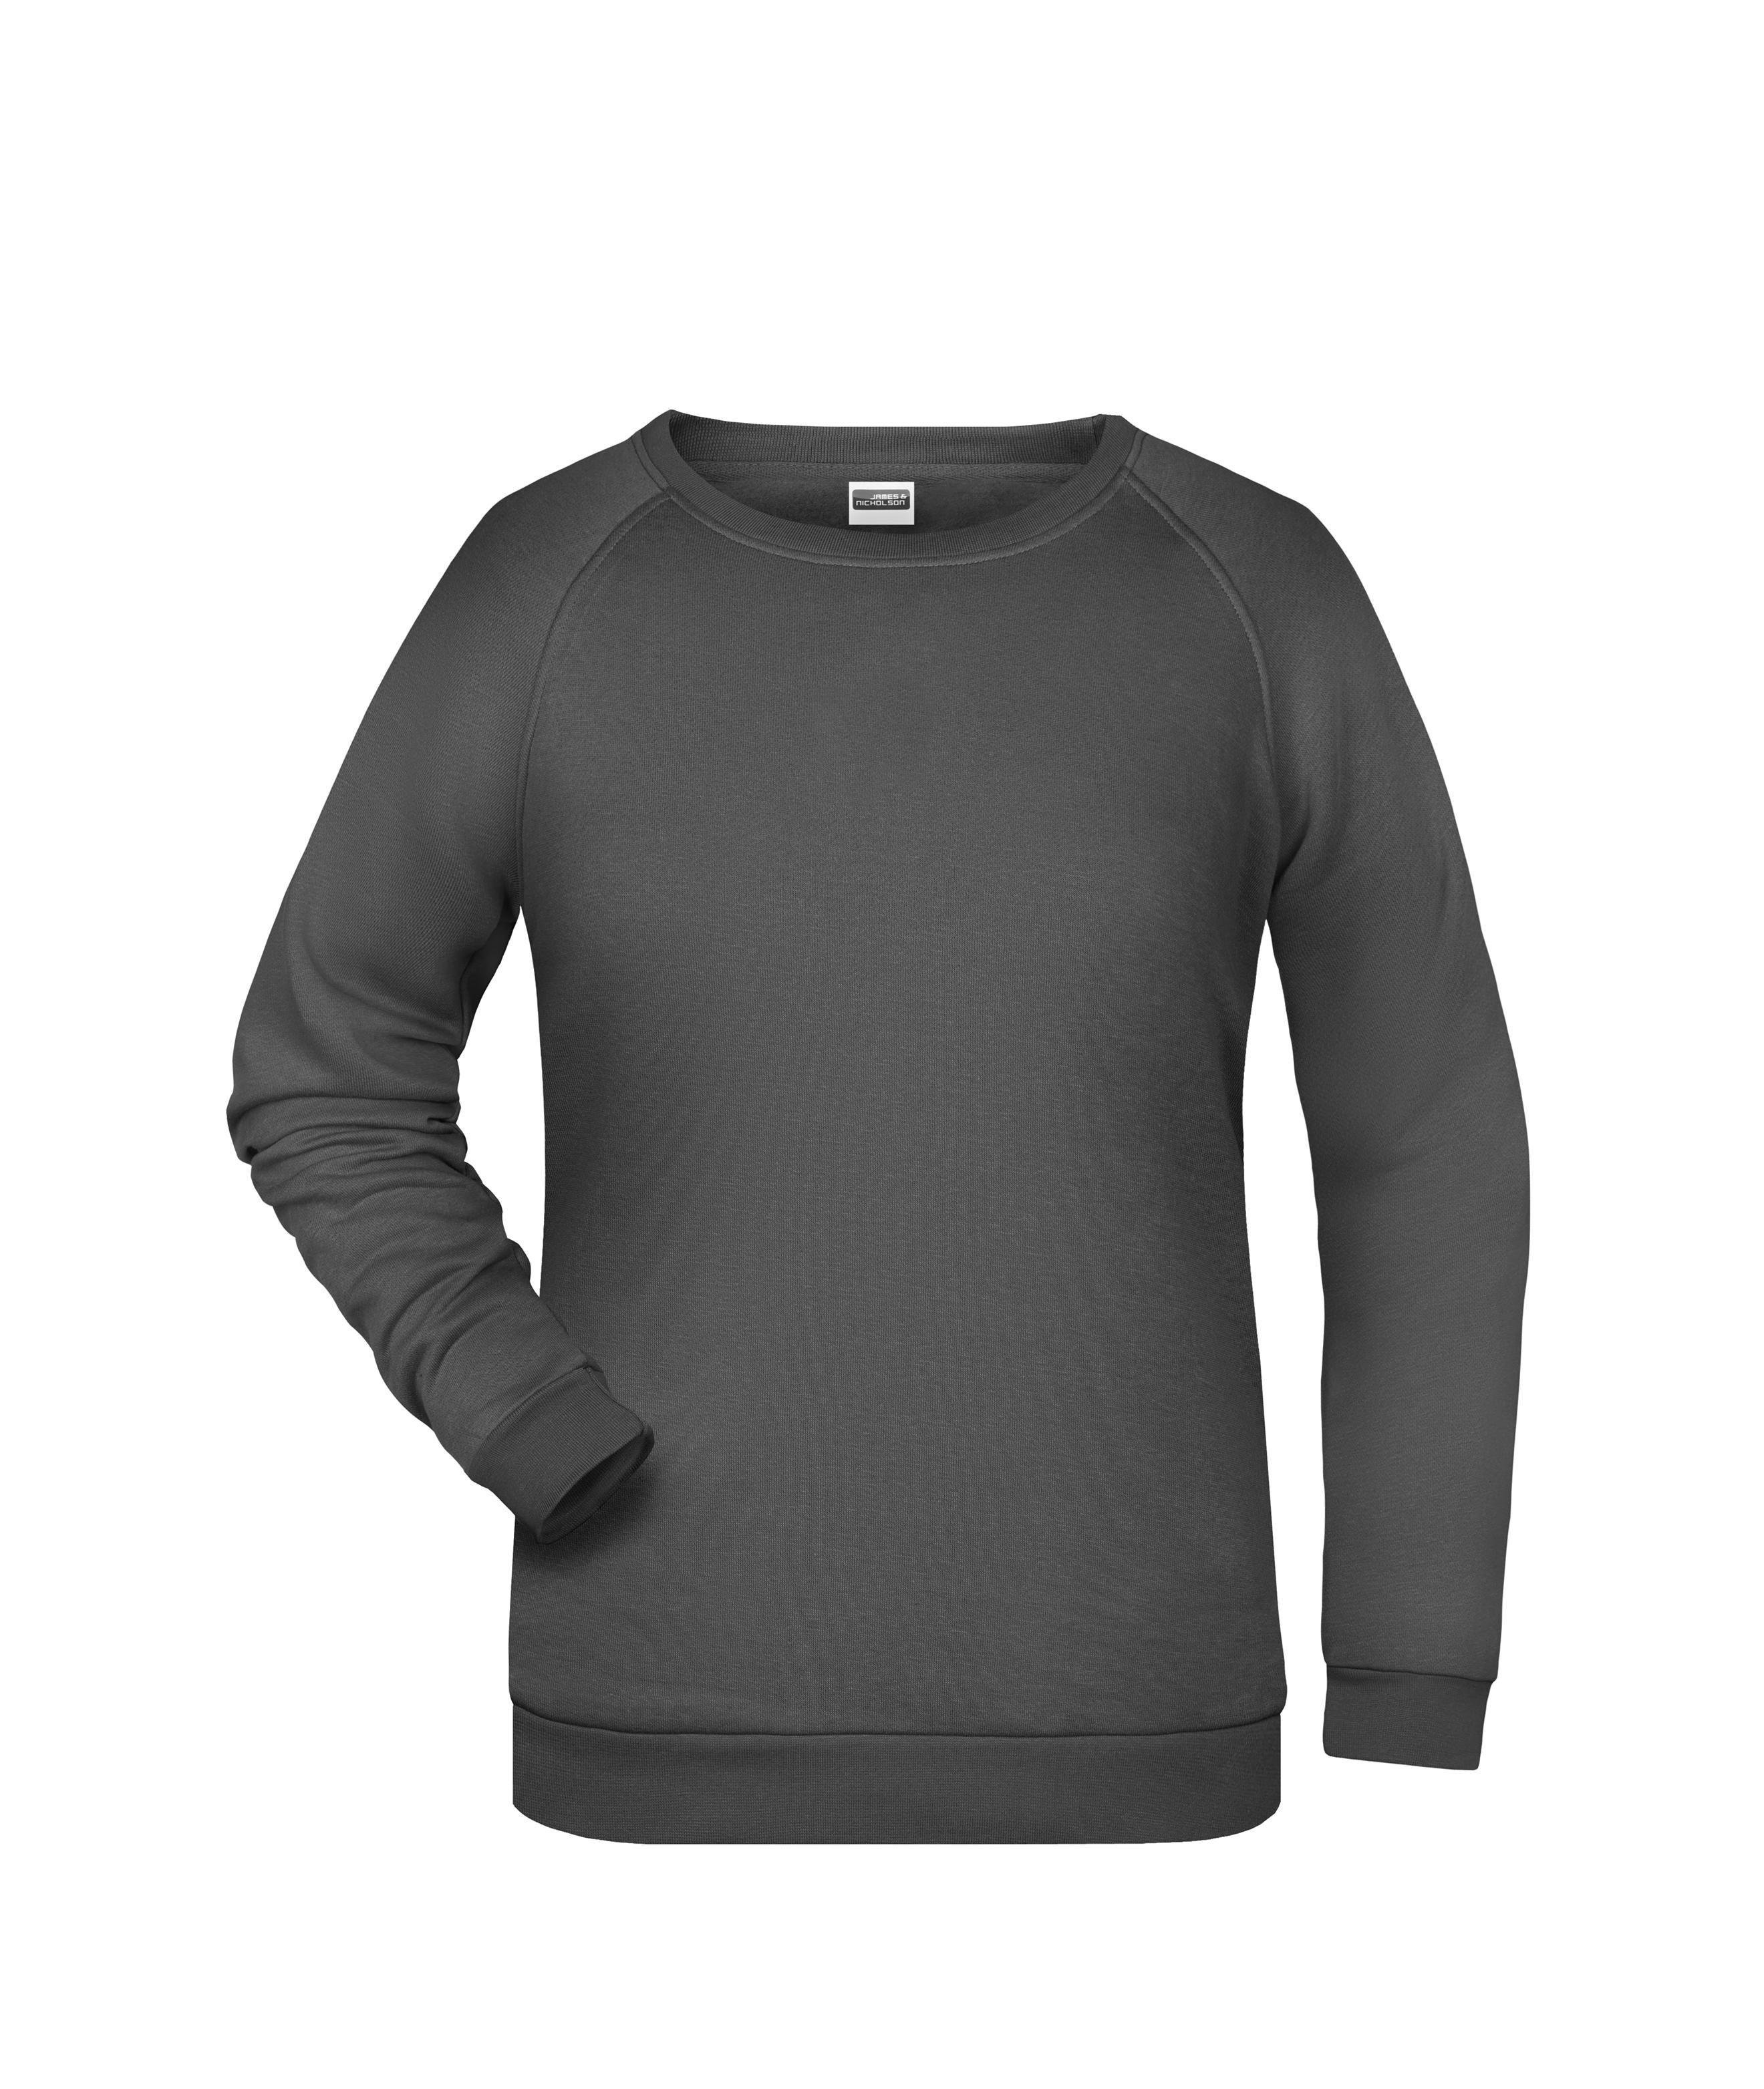 Rundhals-Sweatshirt mit Raglanärmeln für Damen